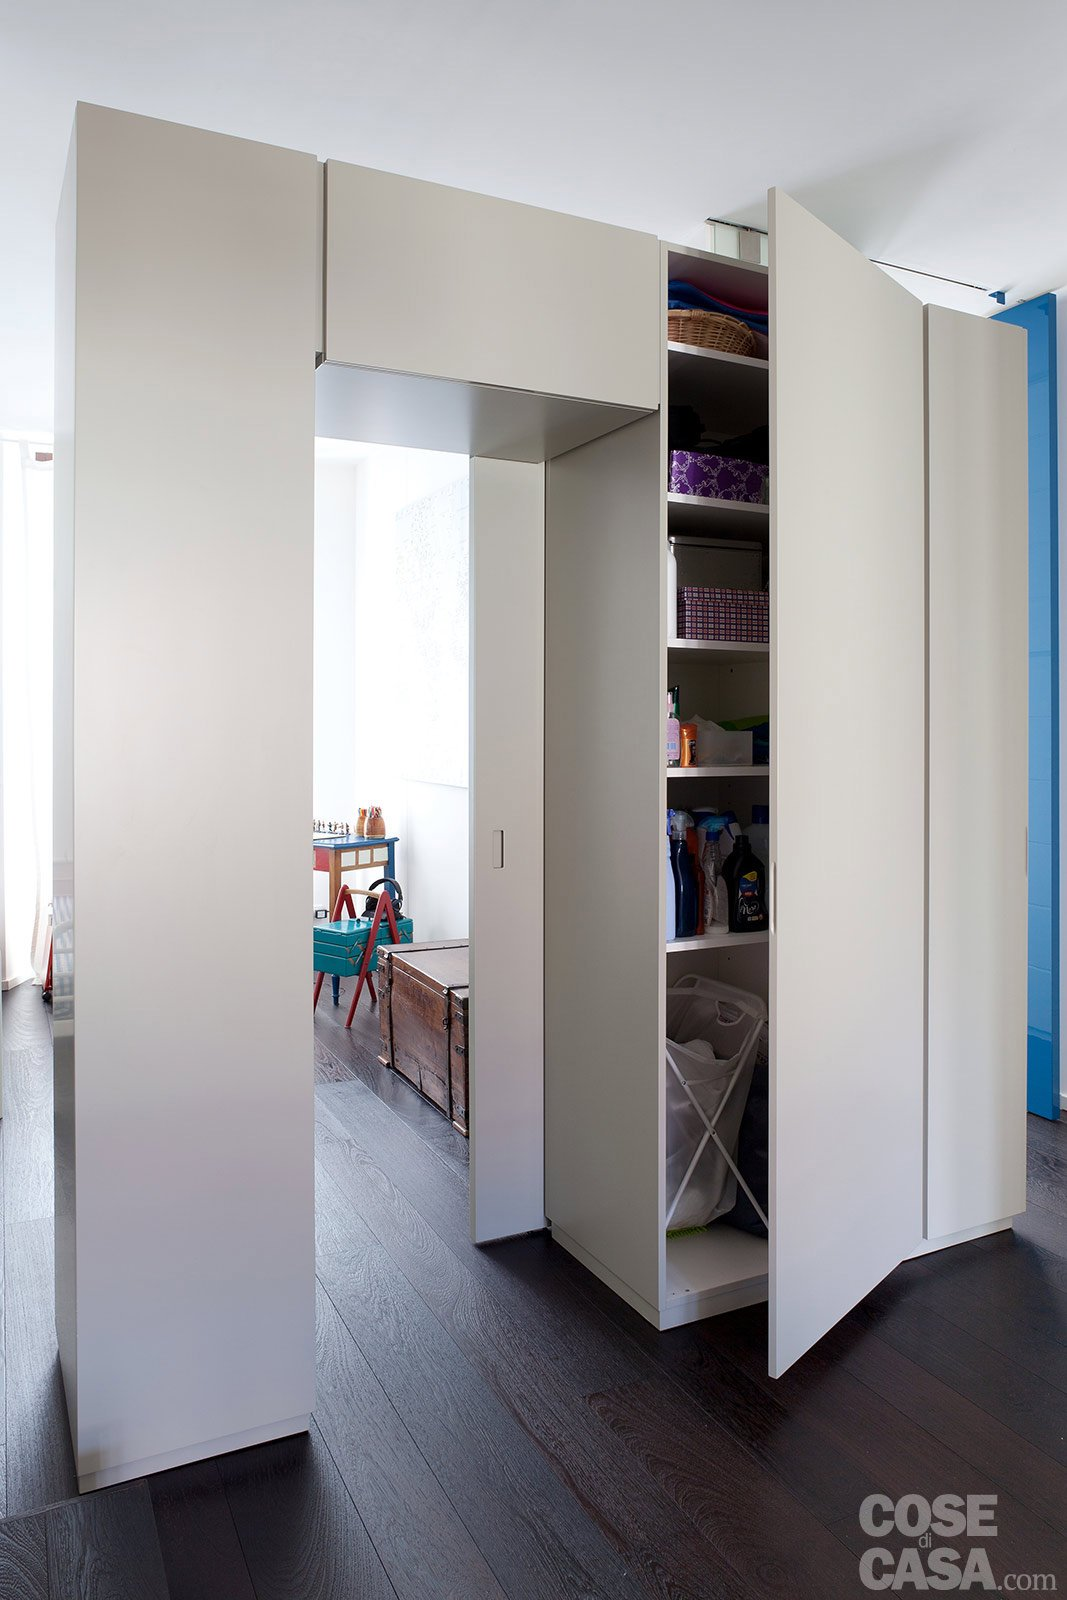 70 mq la casa migliora cos cose di casa - Divisione camera da letto ...